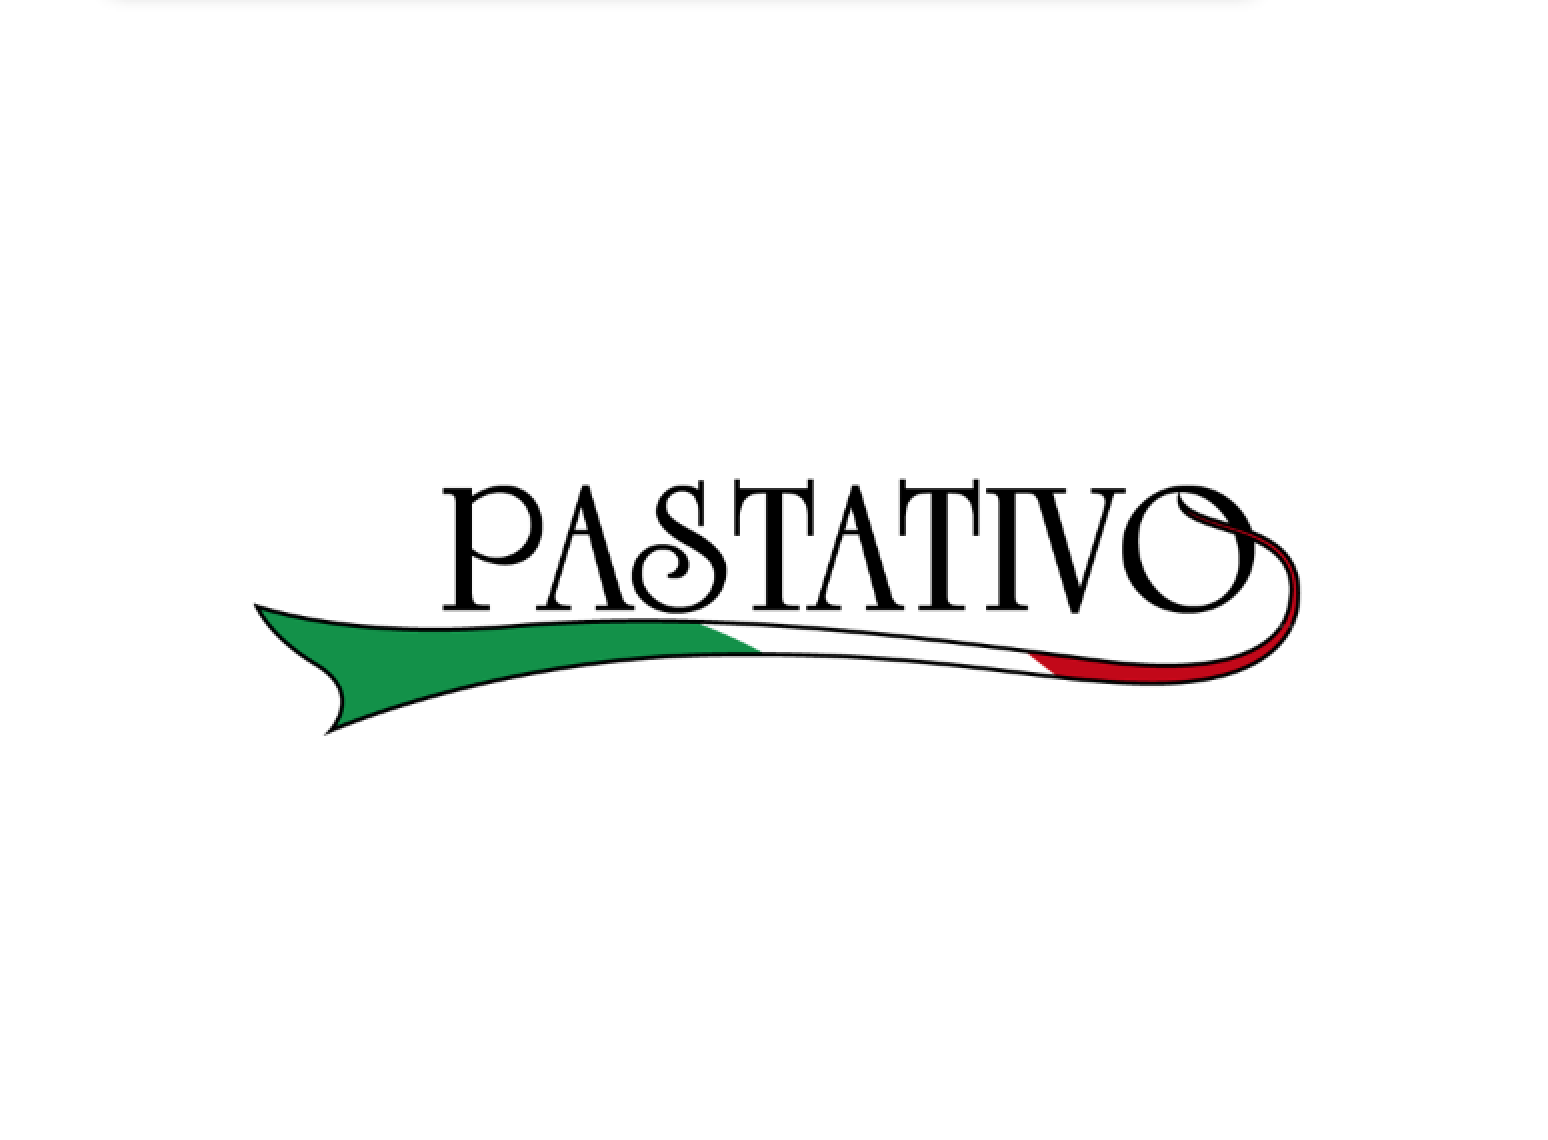 italian restaurant logos rh logolynx com italian restaurants logos free italian restaurant logo maker